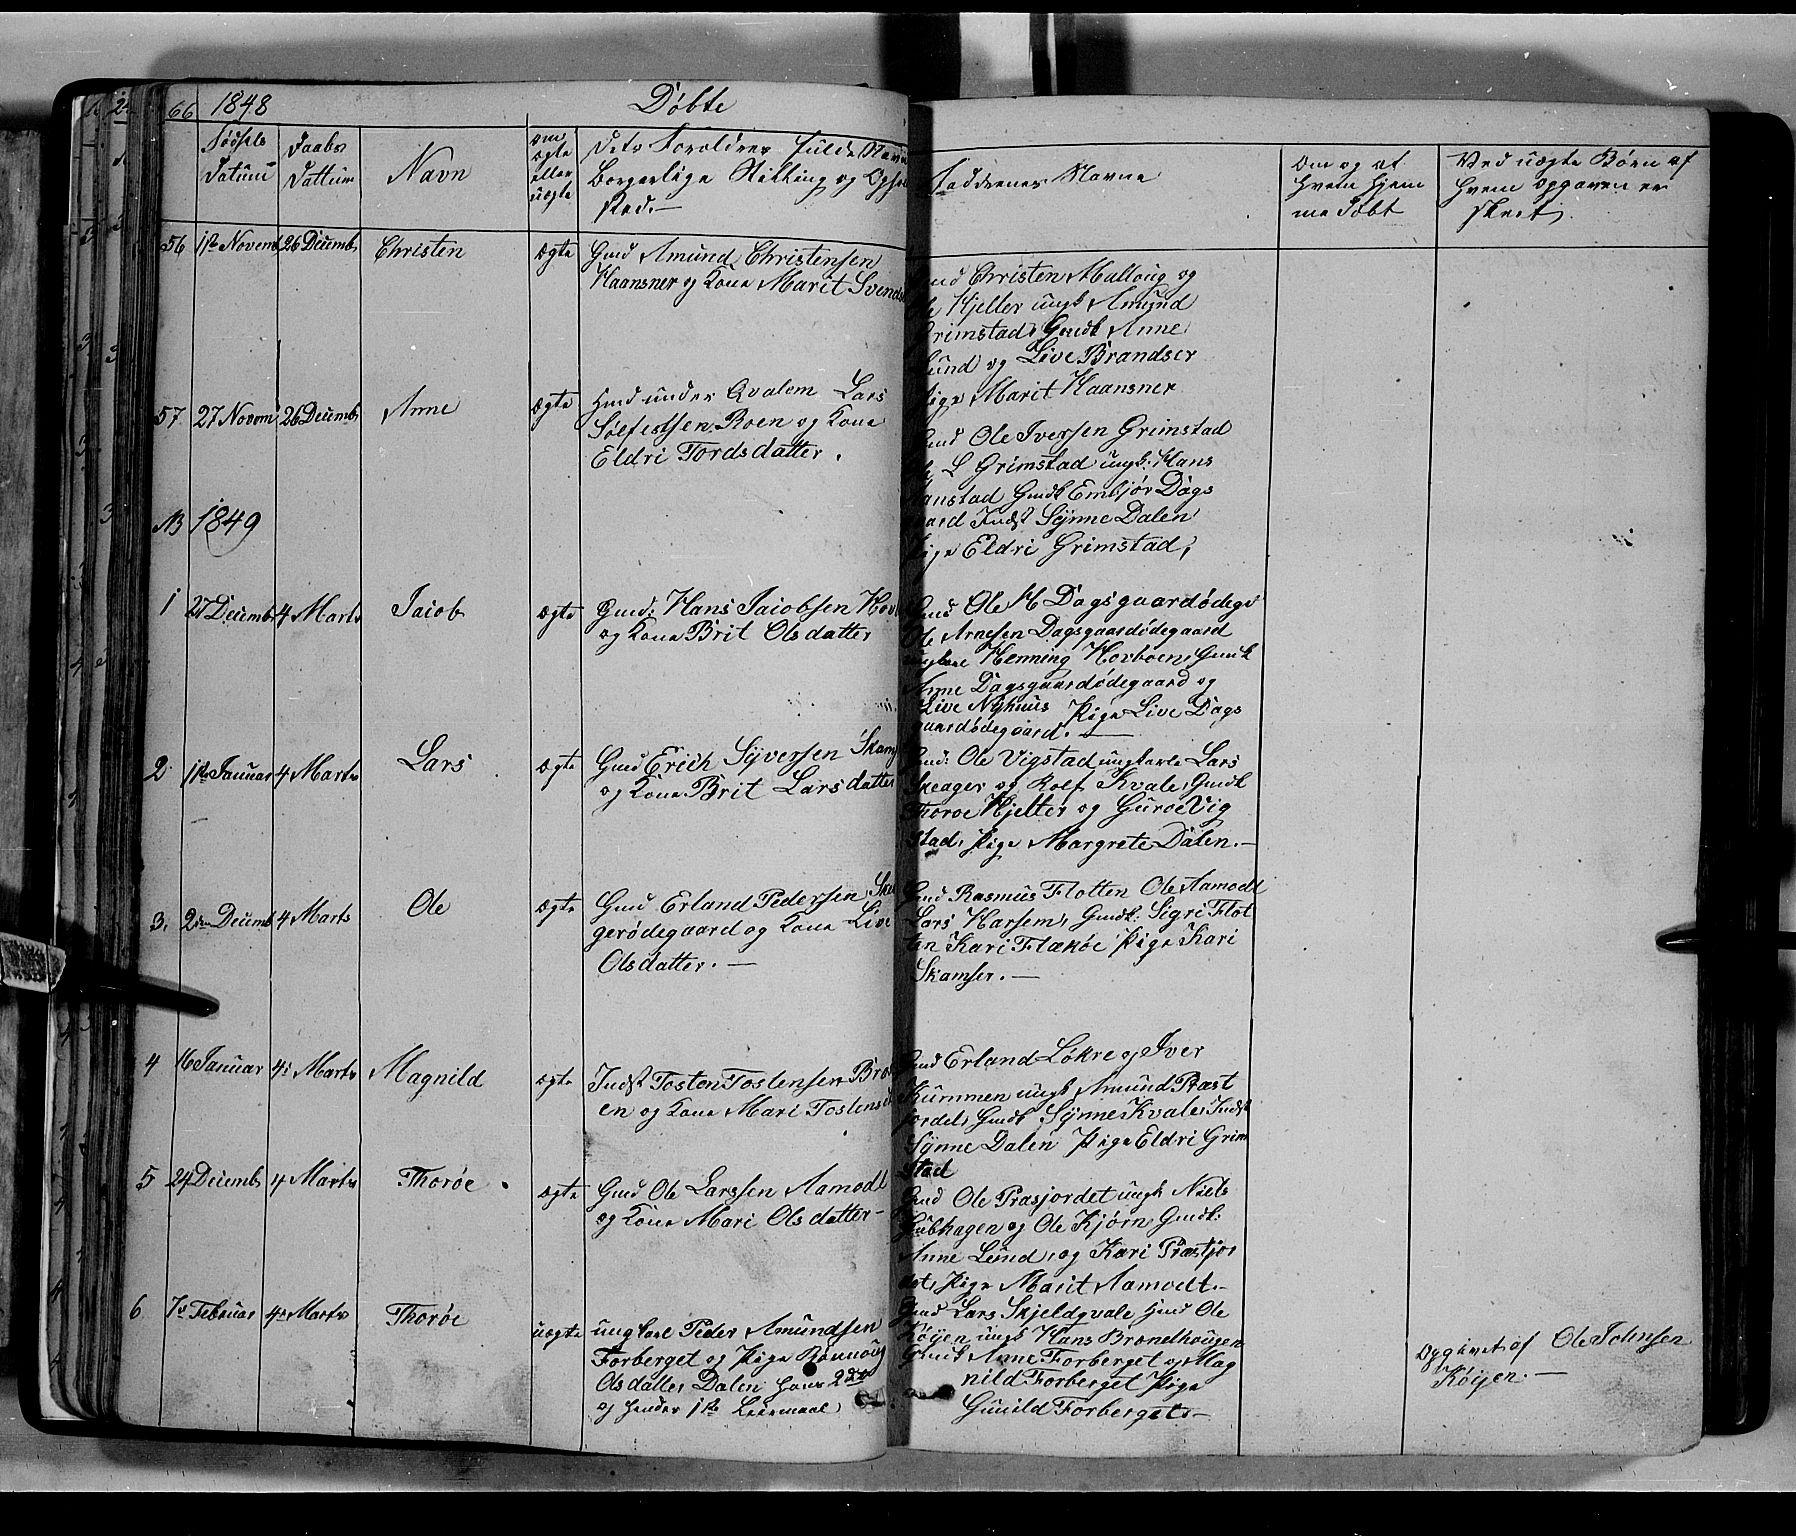 SAH, Lom prestekontor, L/L0004: Klokkerbok nr. 4, 1845-1864, s. 66-67